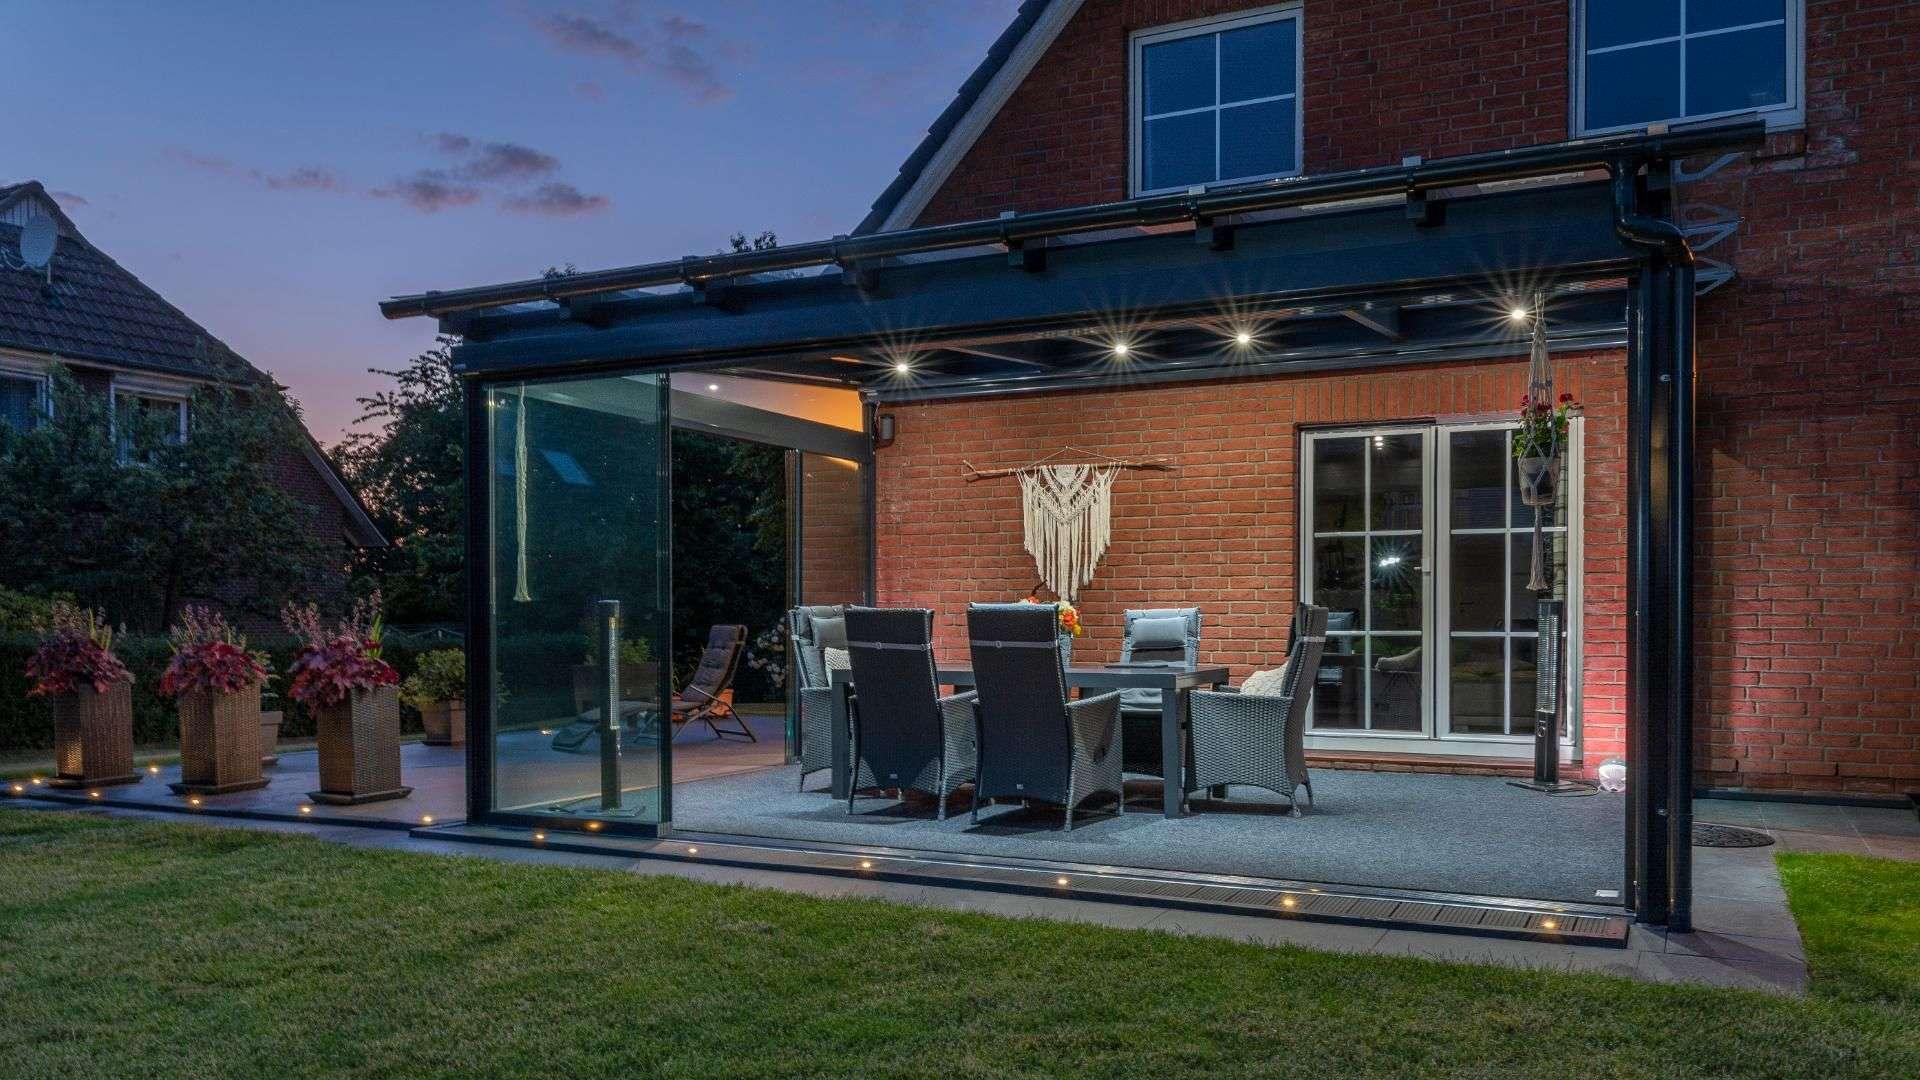 beleuchtetes Glashaus auf der Terrasse eines Einfamilienhauses